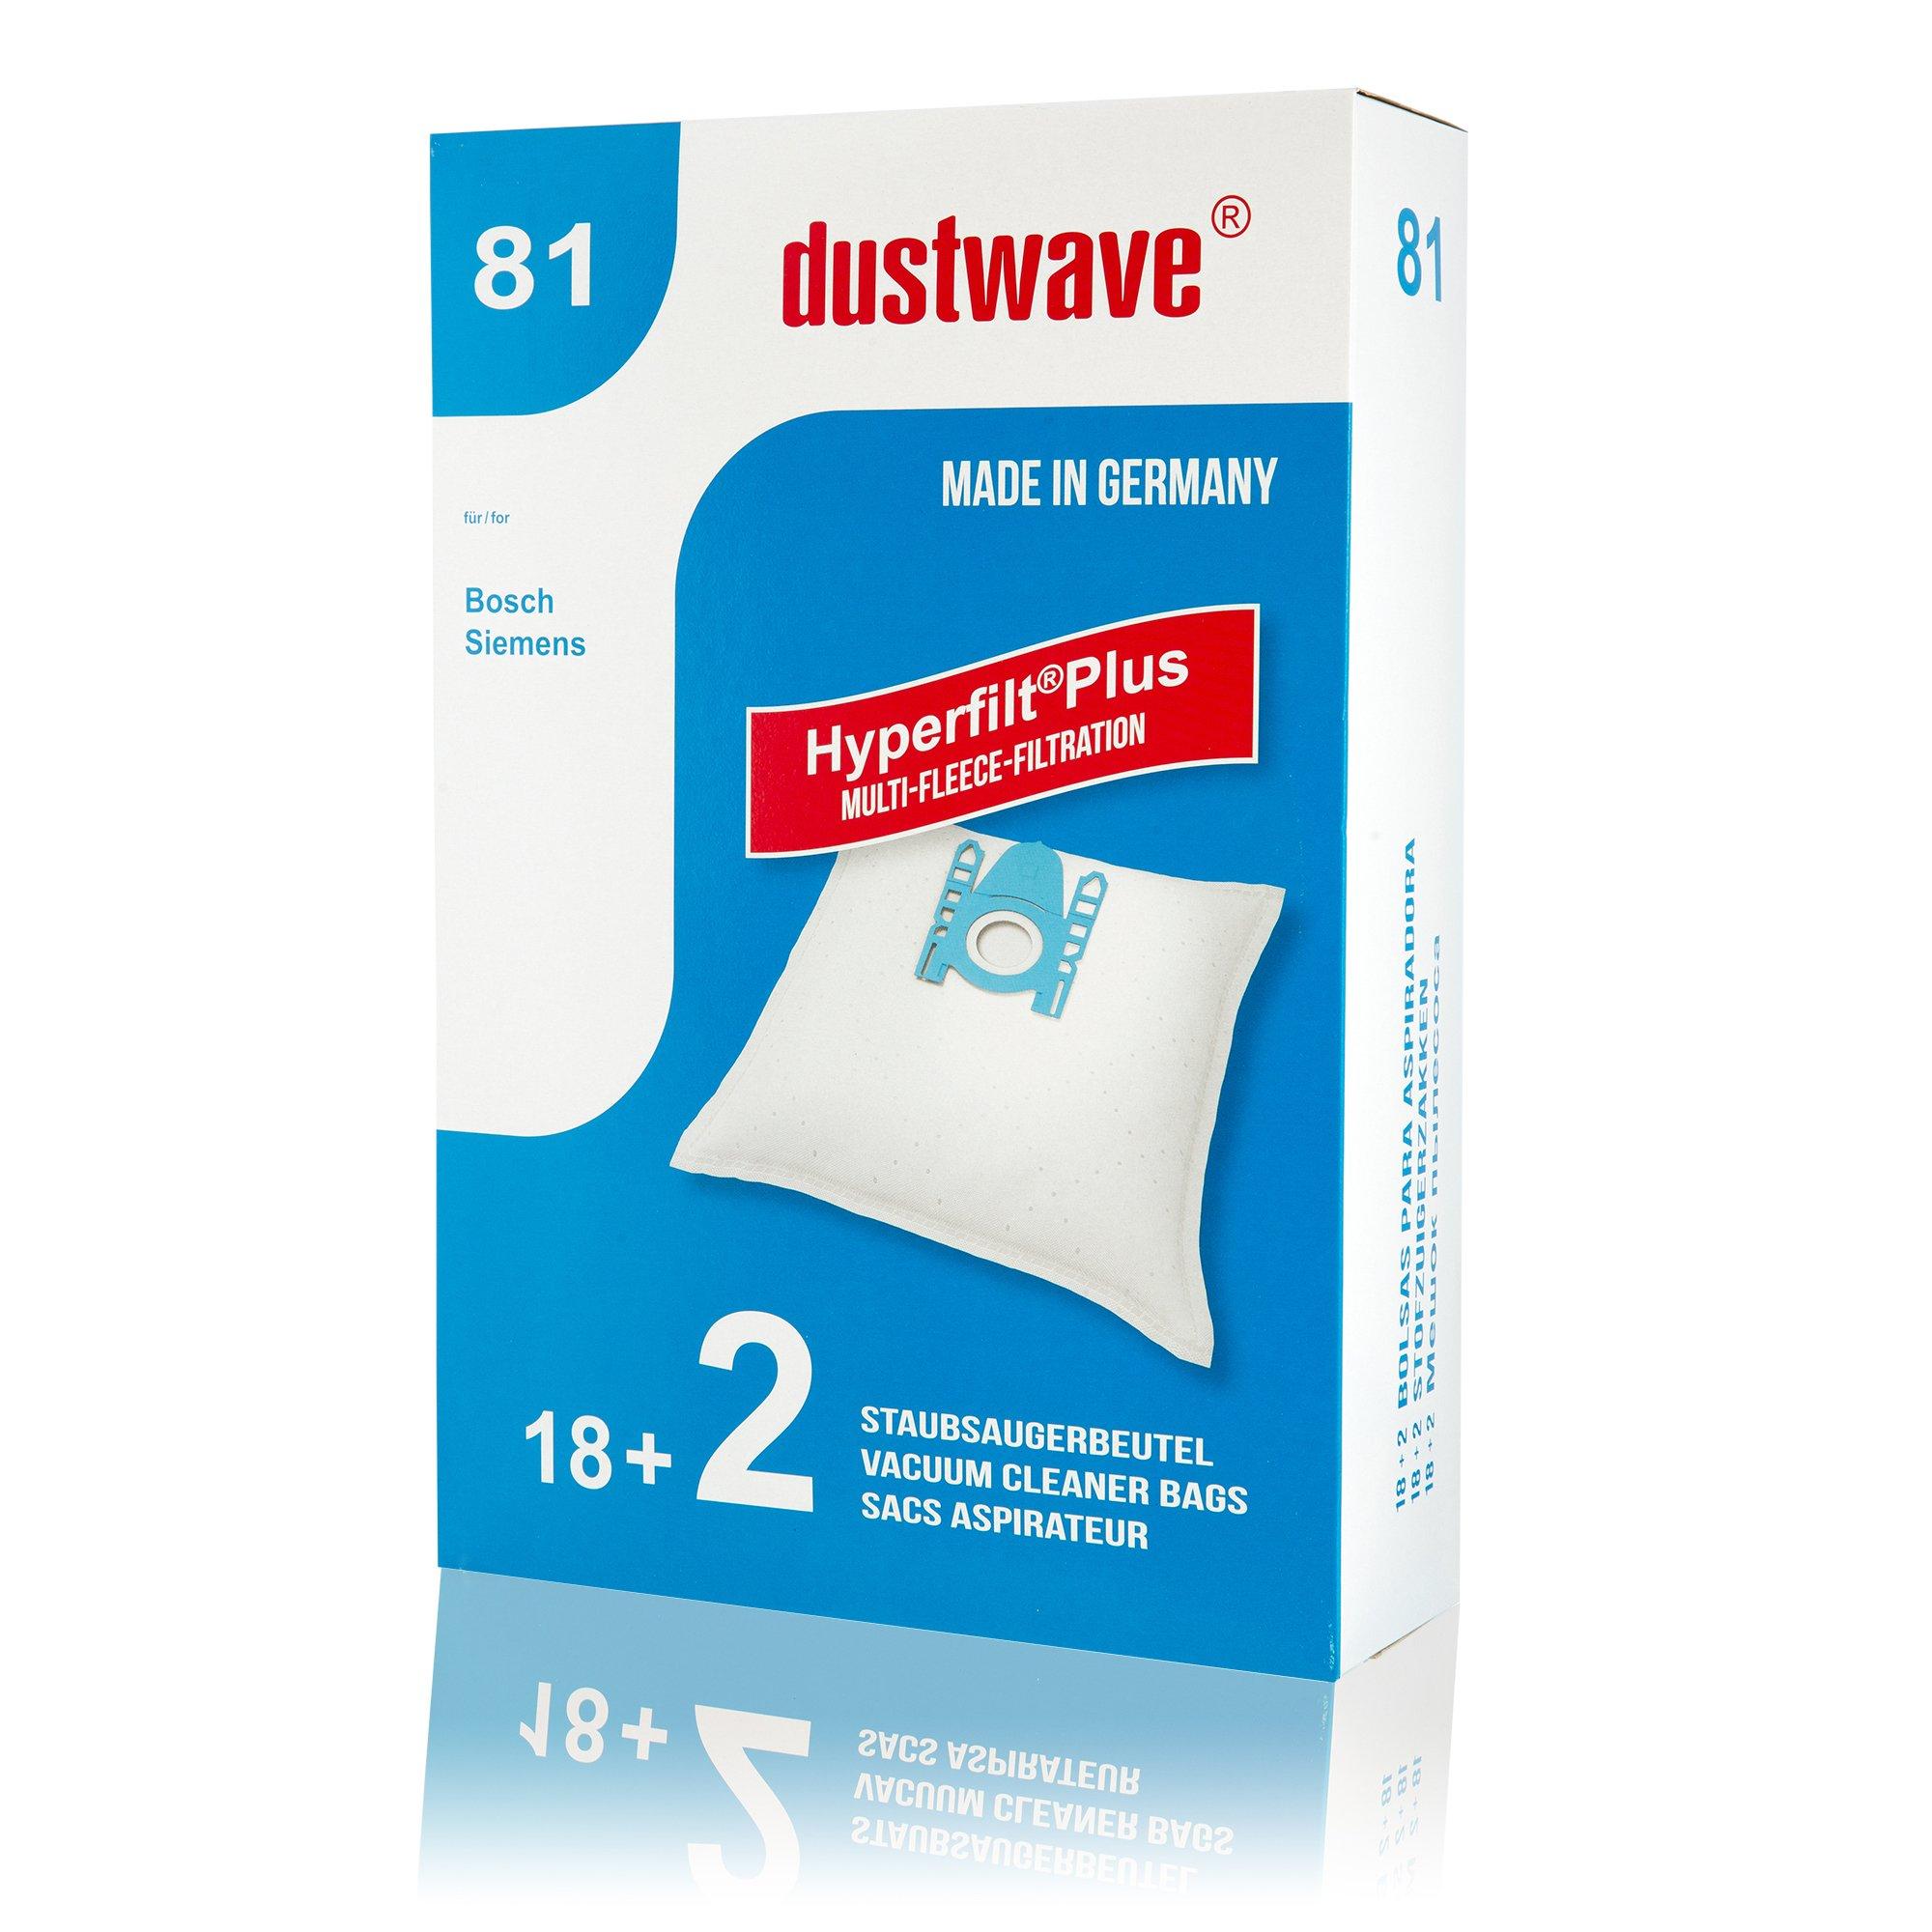 dustwave - Pack de ahorro de 20 bolsas para aspiradoras Siemens VS06G2410 (2400 W, fabricado en Alemania, incluye 2 microfiltros): Amazon.es: Hogar